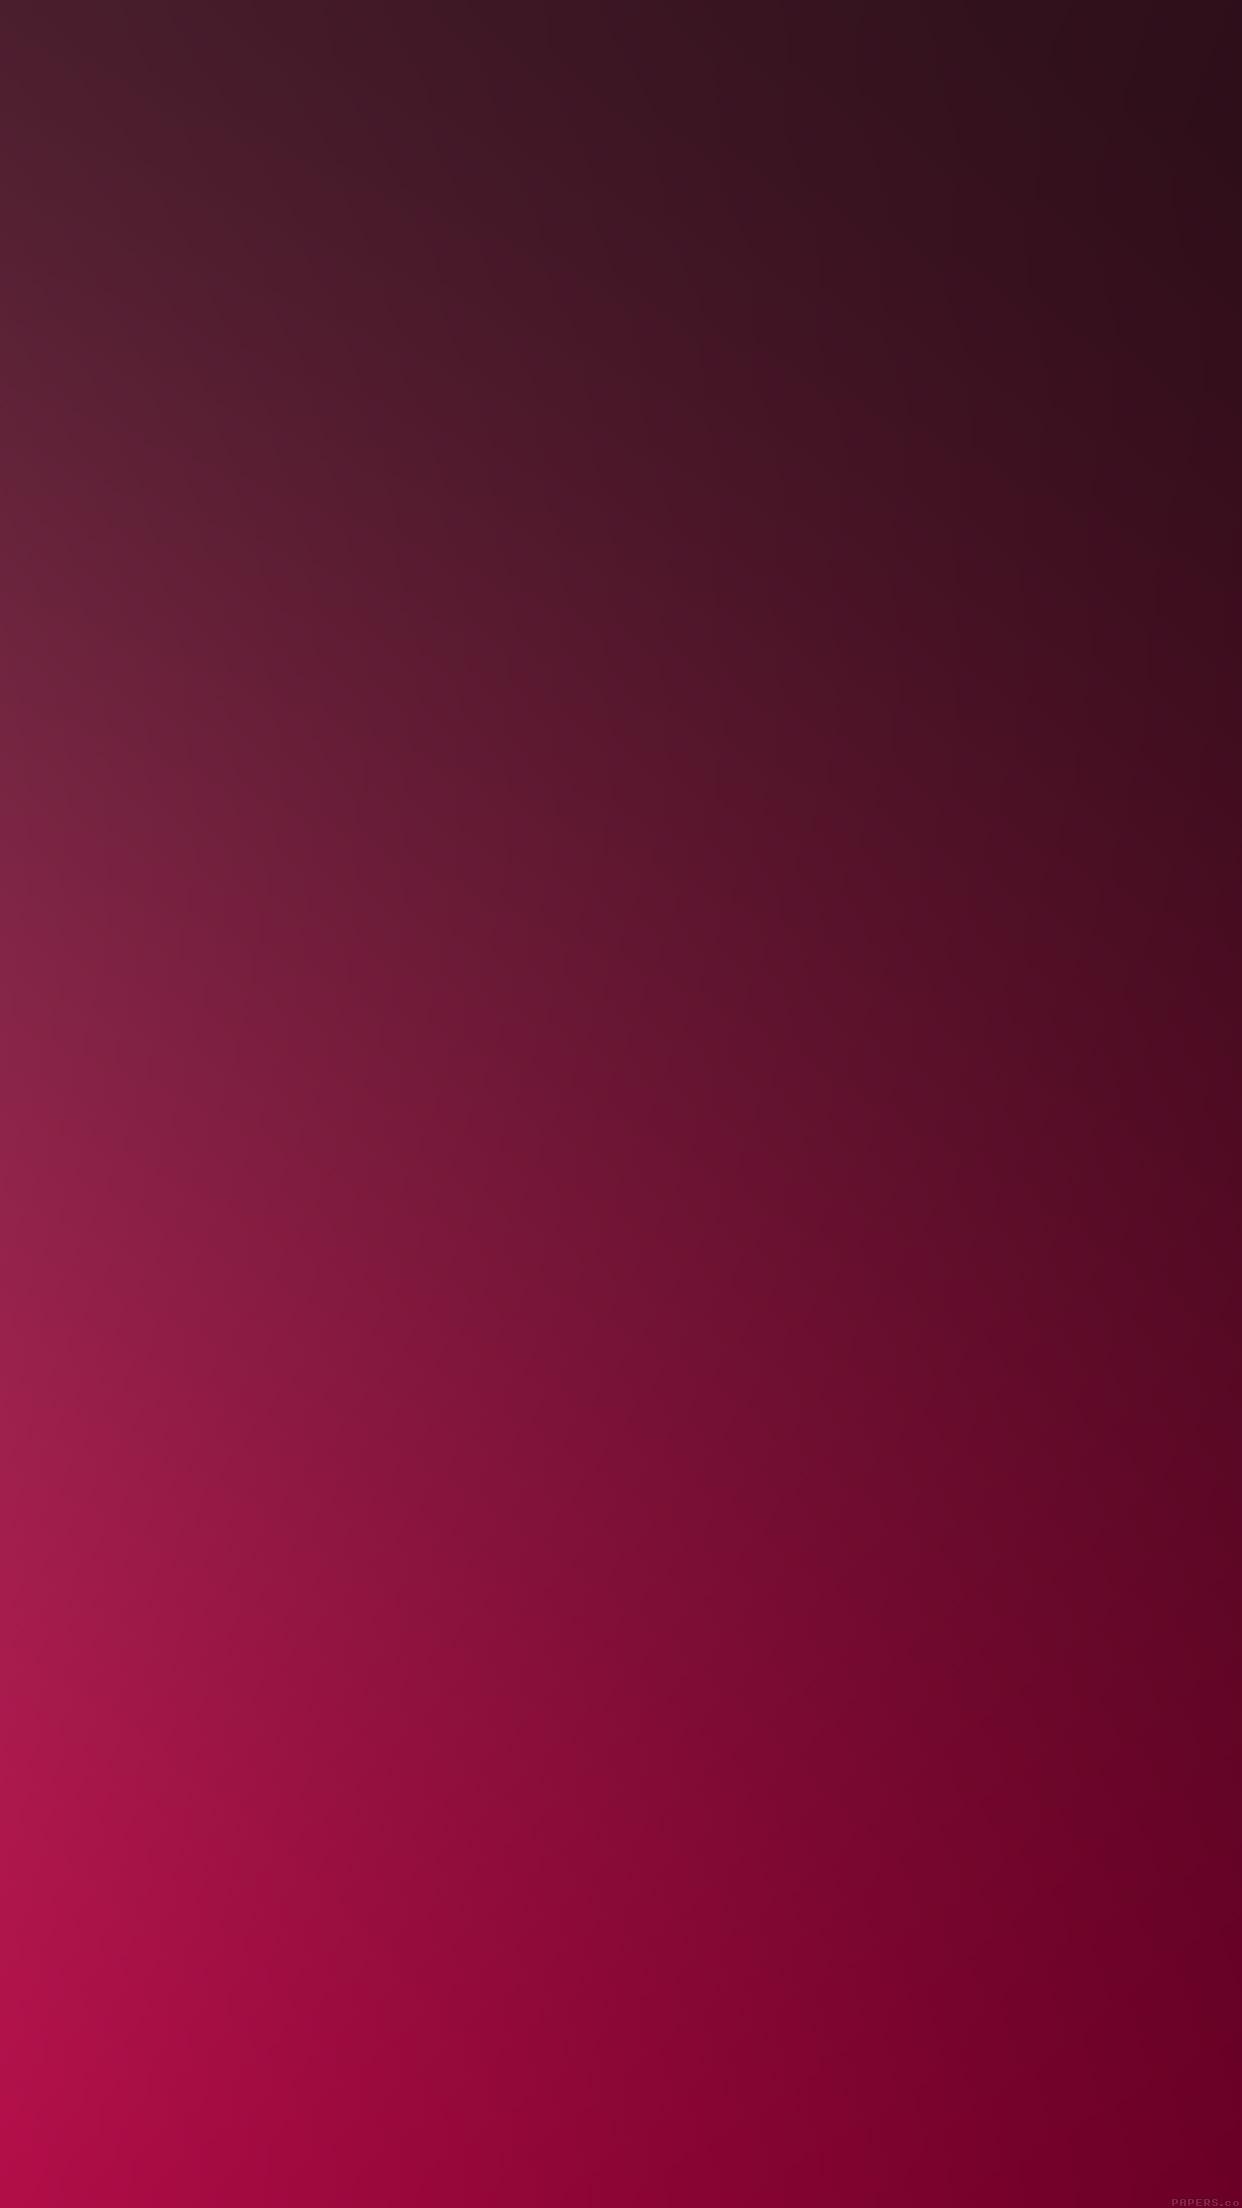 Se98 Red Wine Gradation Blur